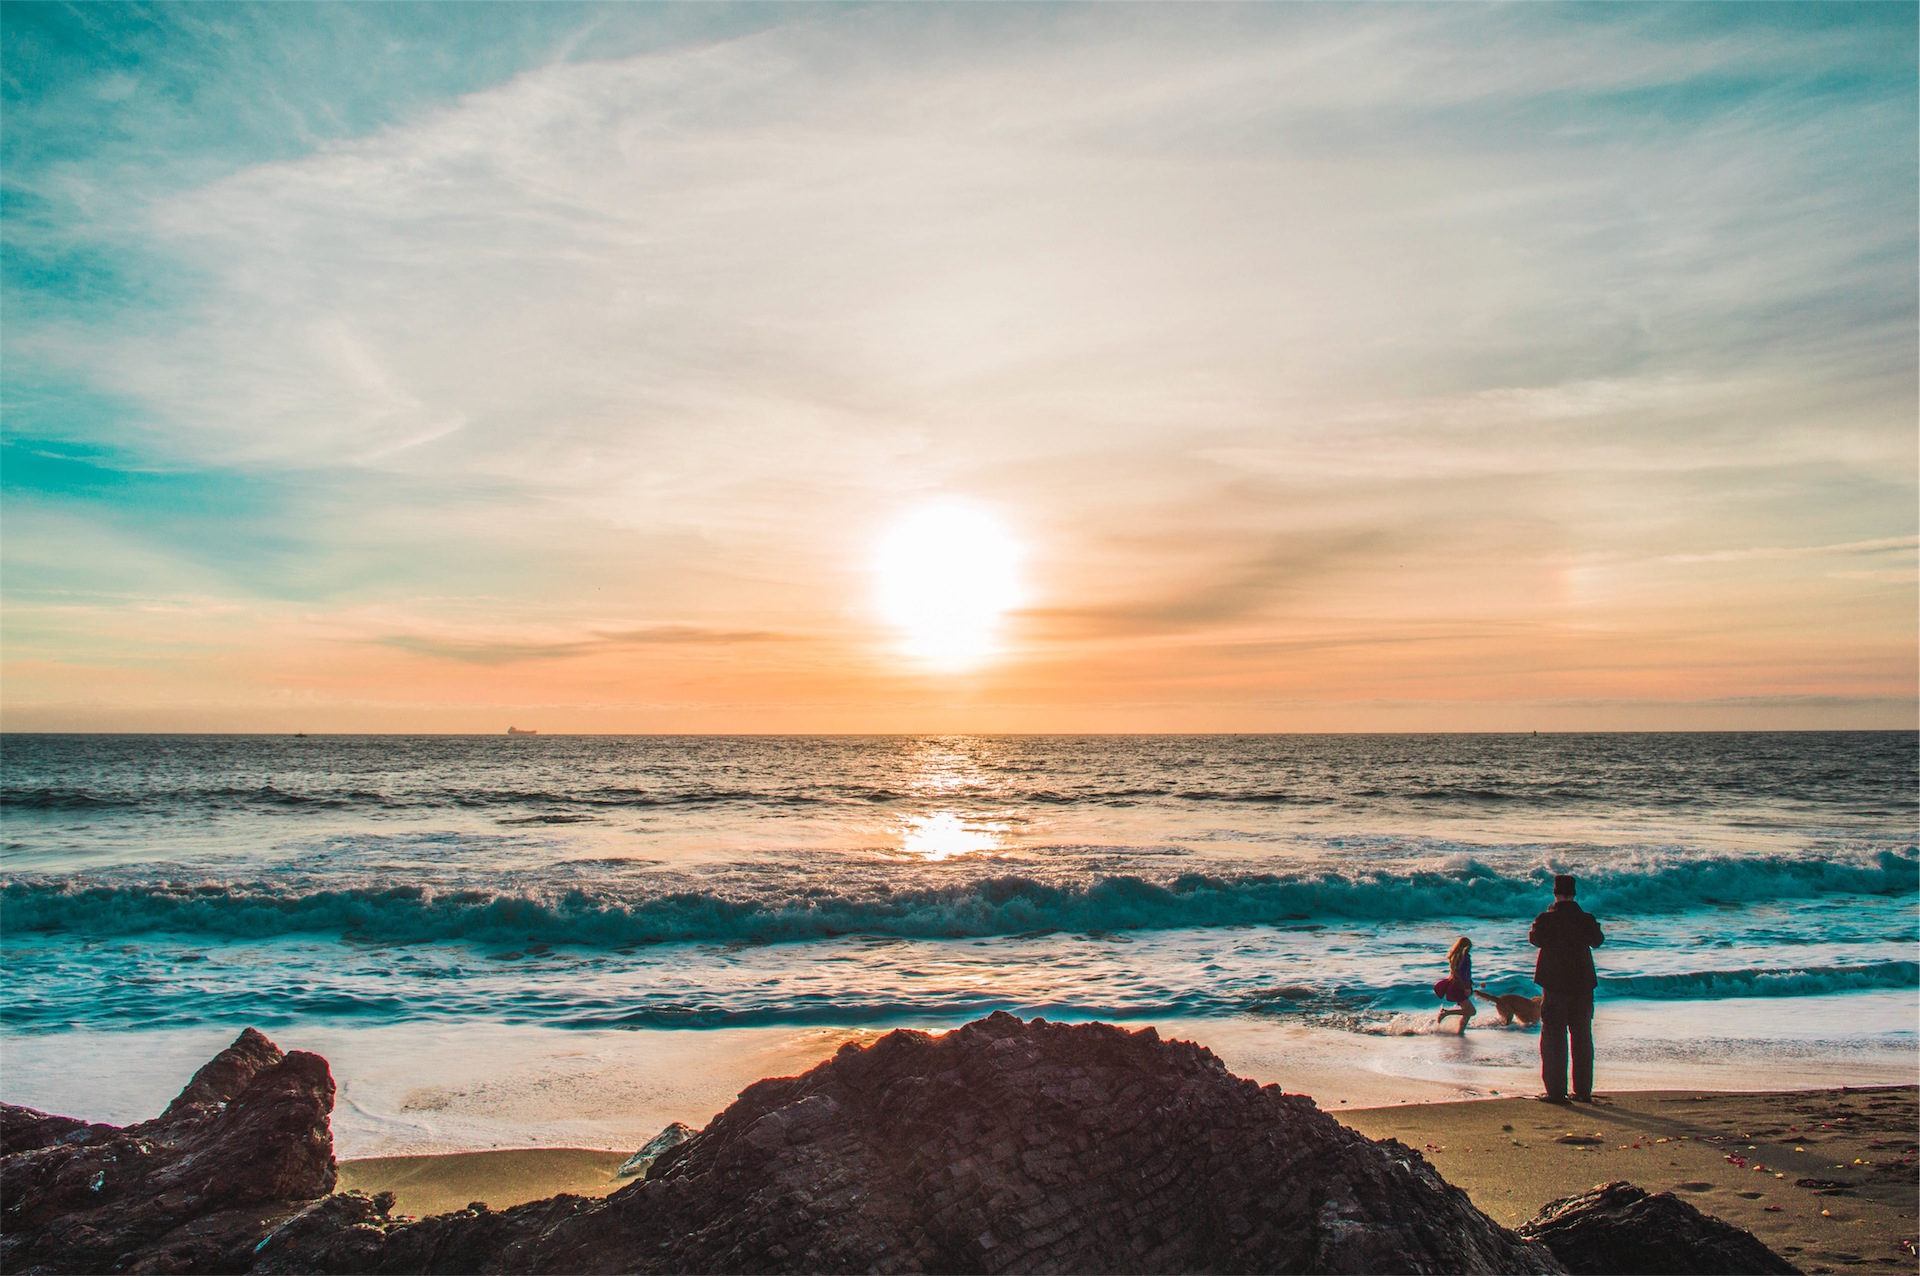 Пляж, Солнце, Закат, Море, игра - Обои HD - Профессор falken.com